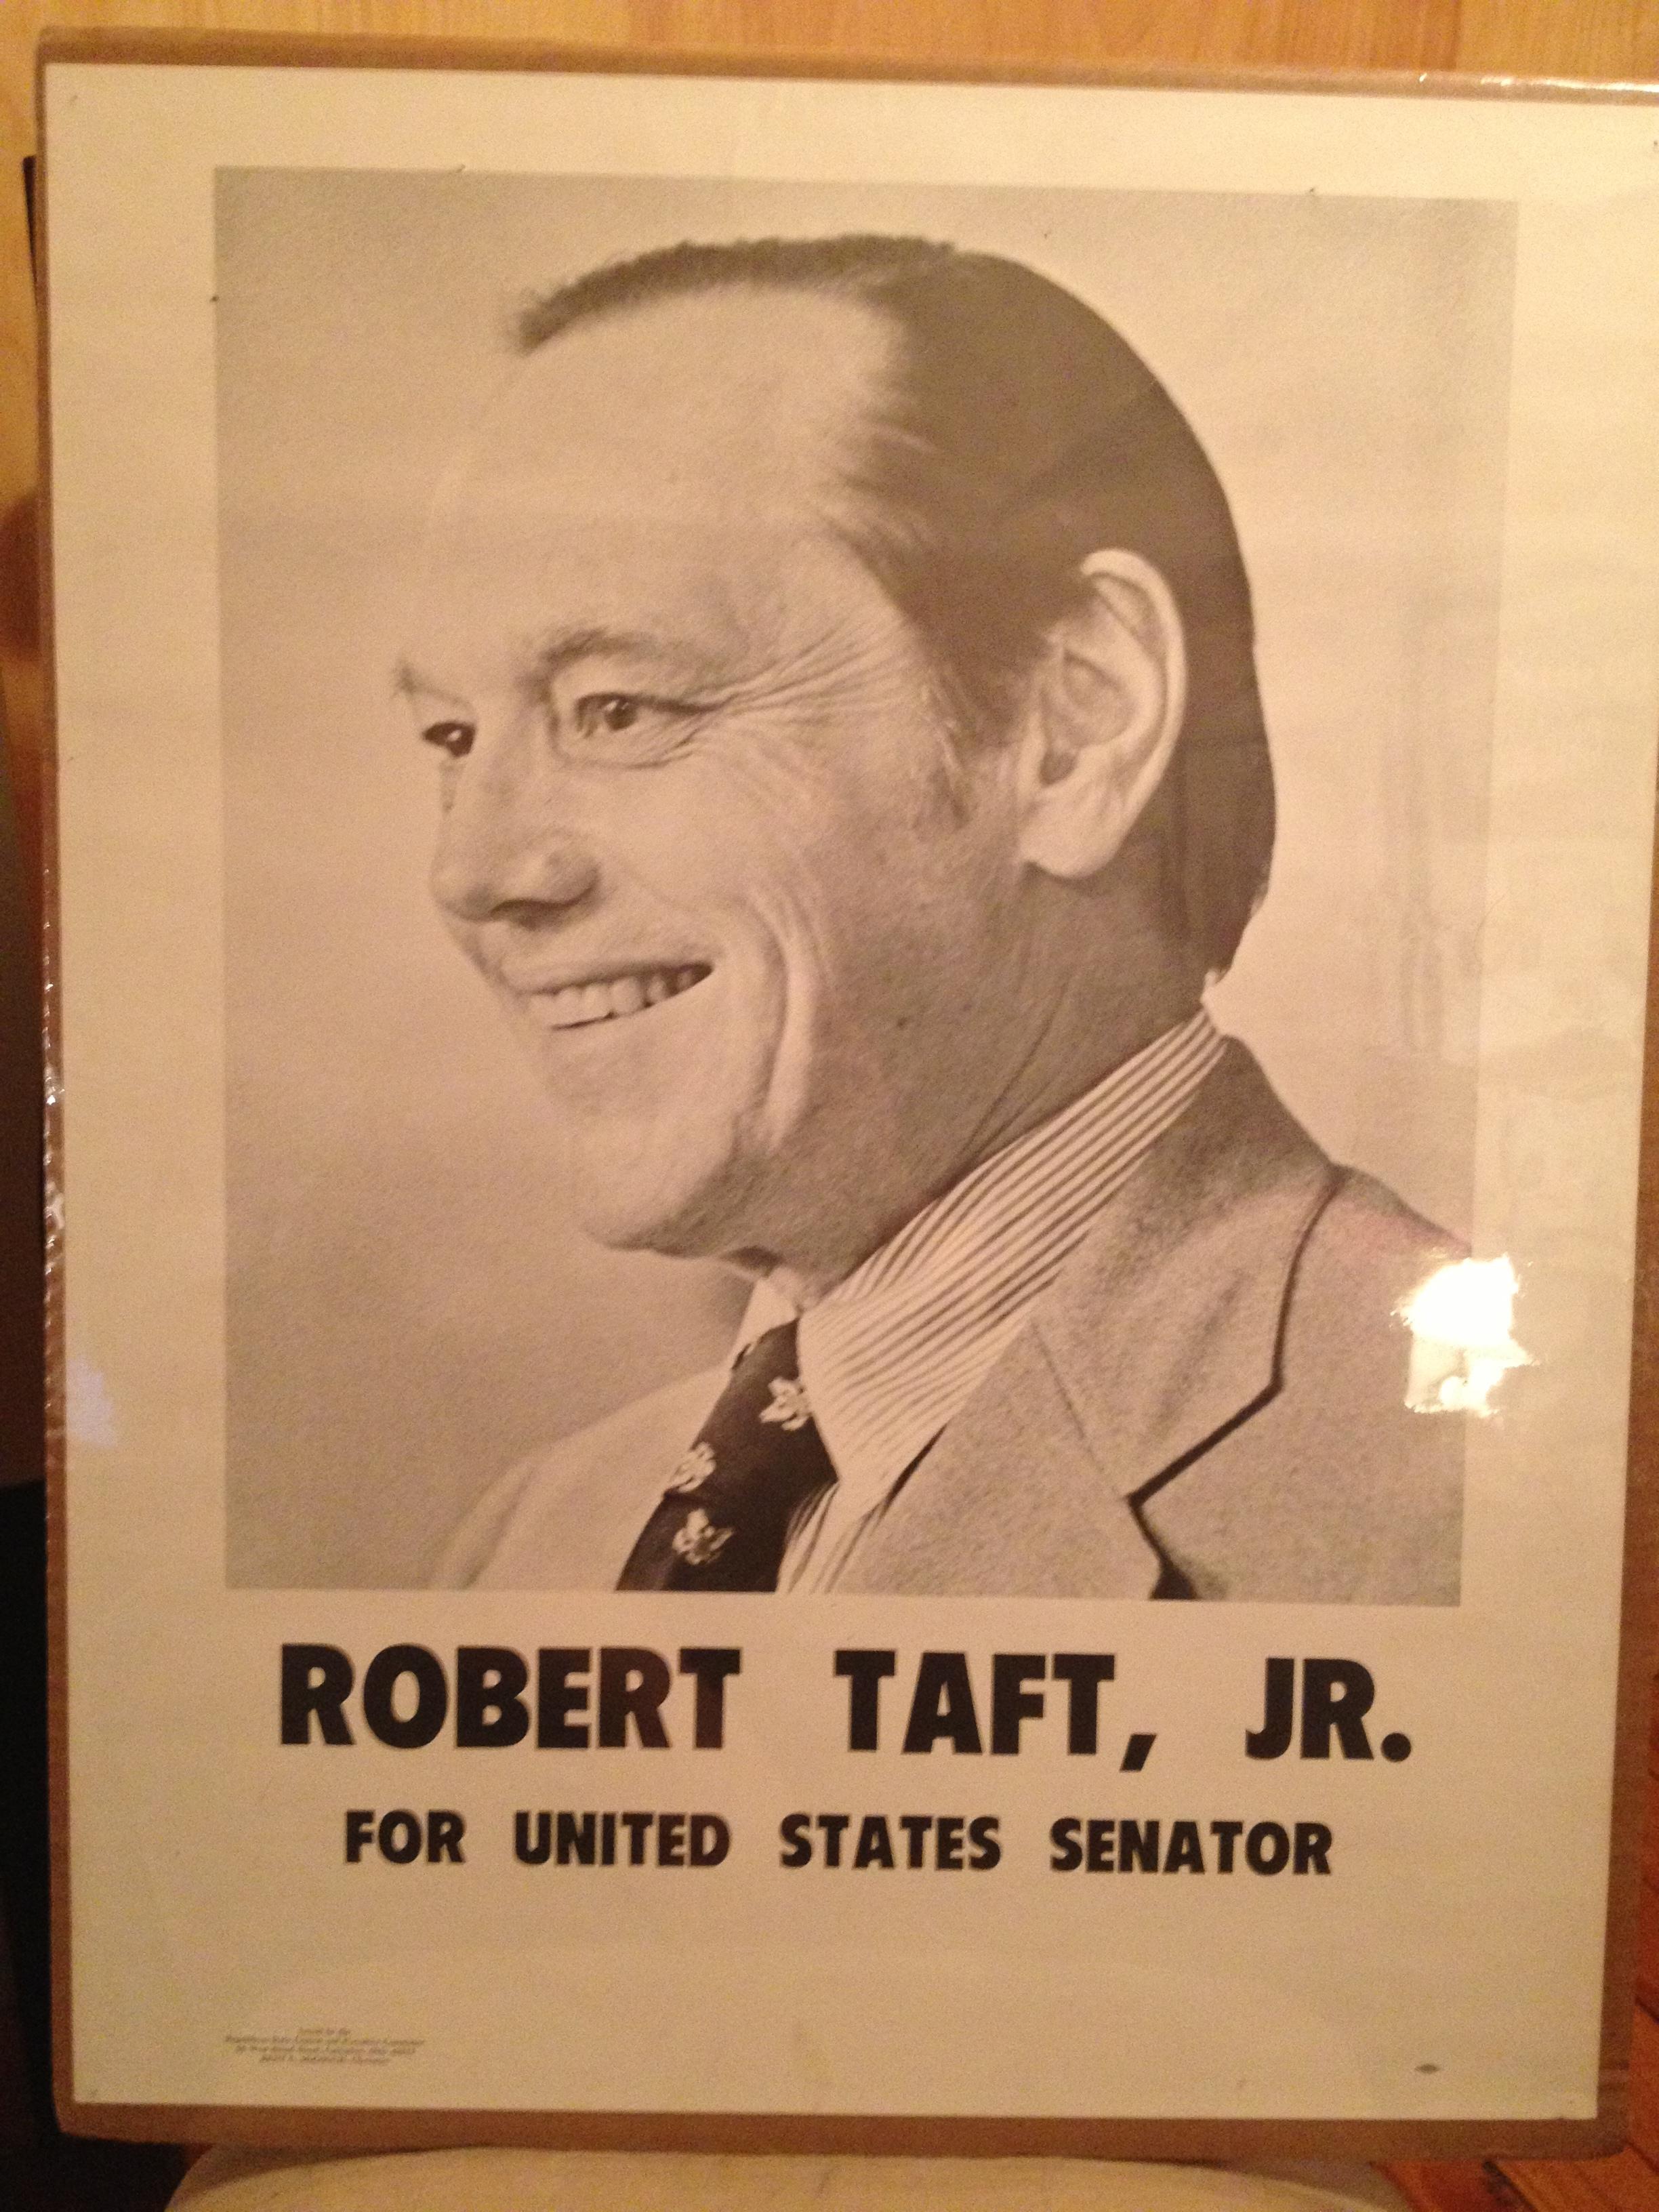 Poster OH-1970 taft Jr.jpg